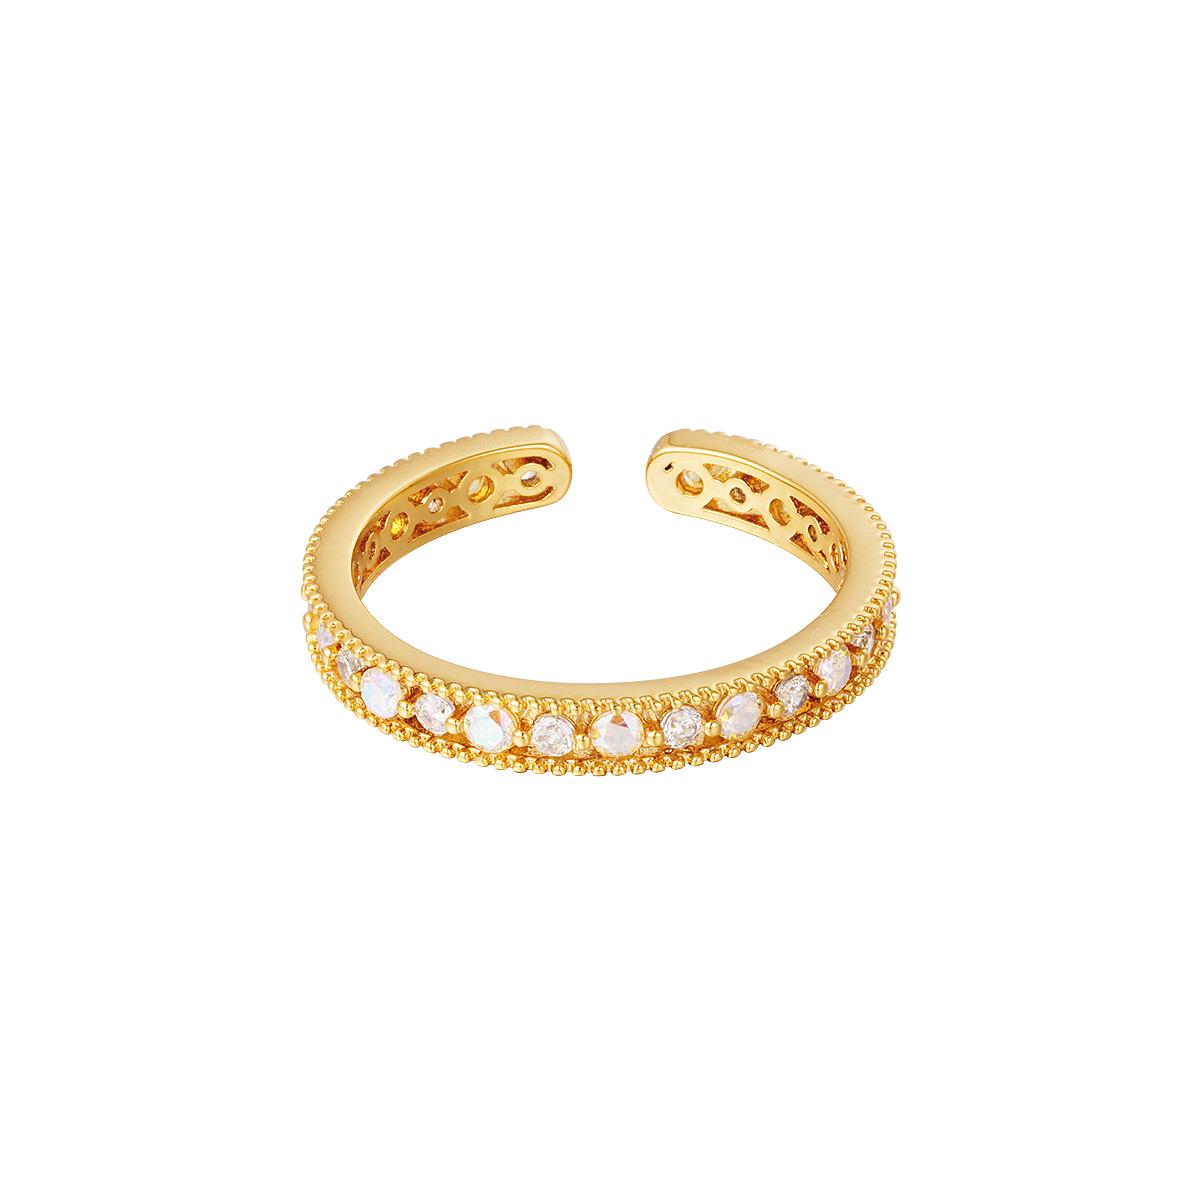 Vergoldeter ring mit zirkonsteinen